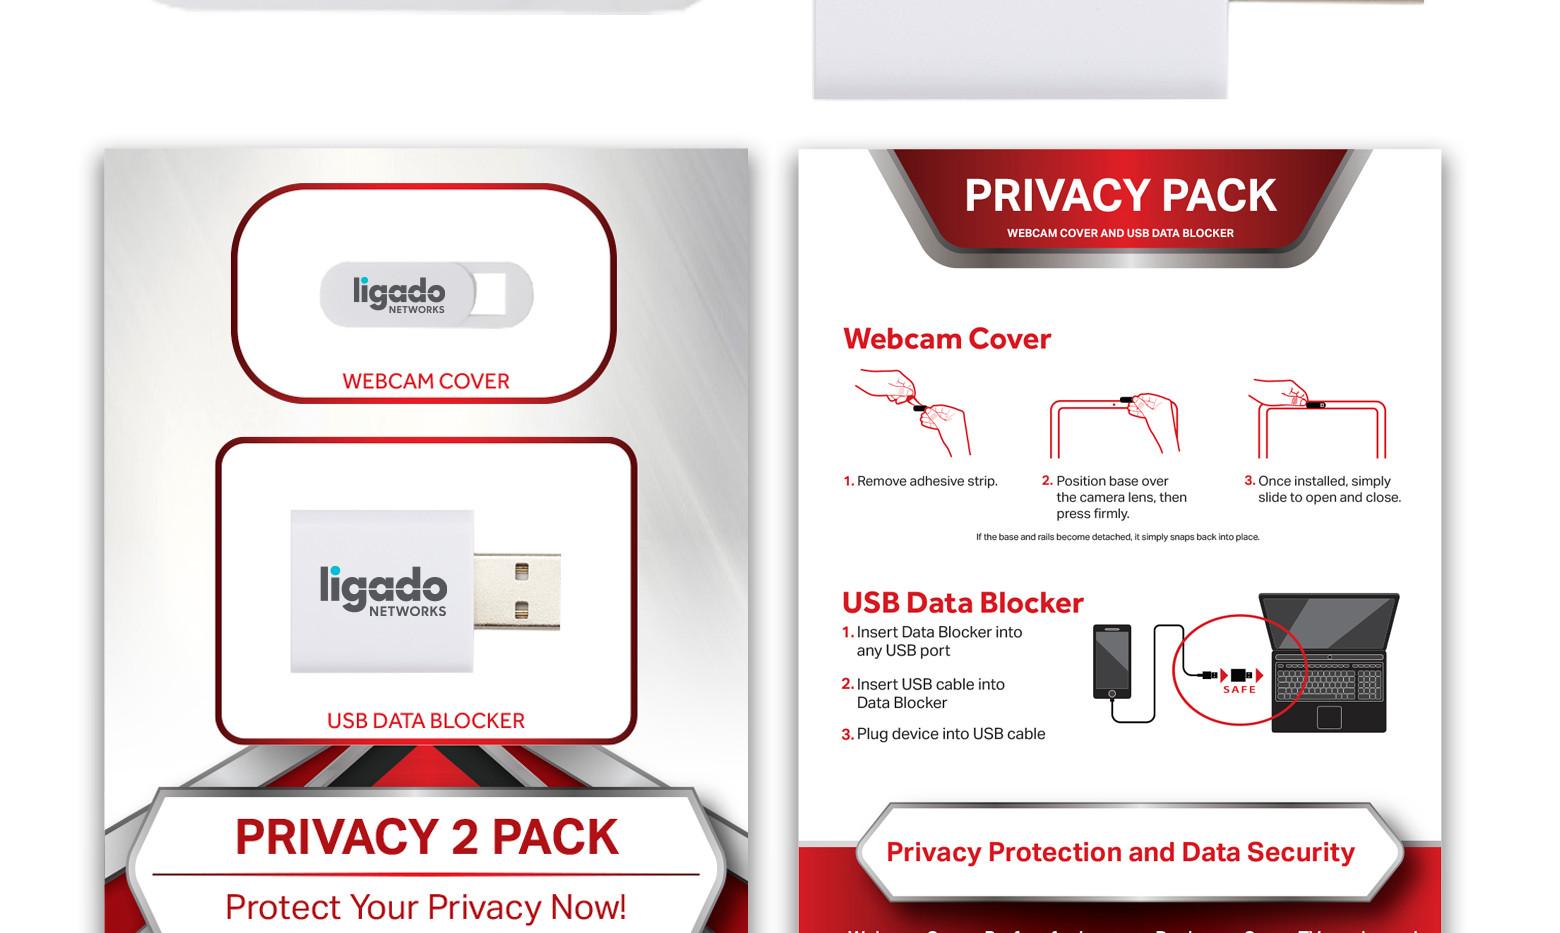 Ligado Privacy 2 Pack standard WHITE.jpg